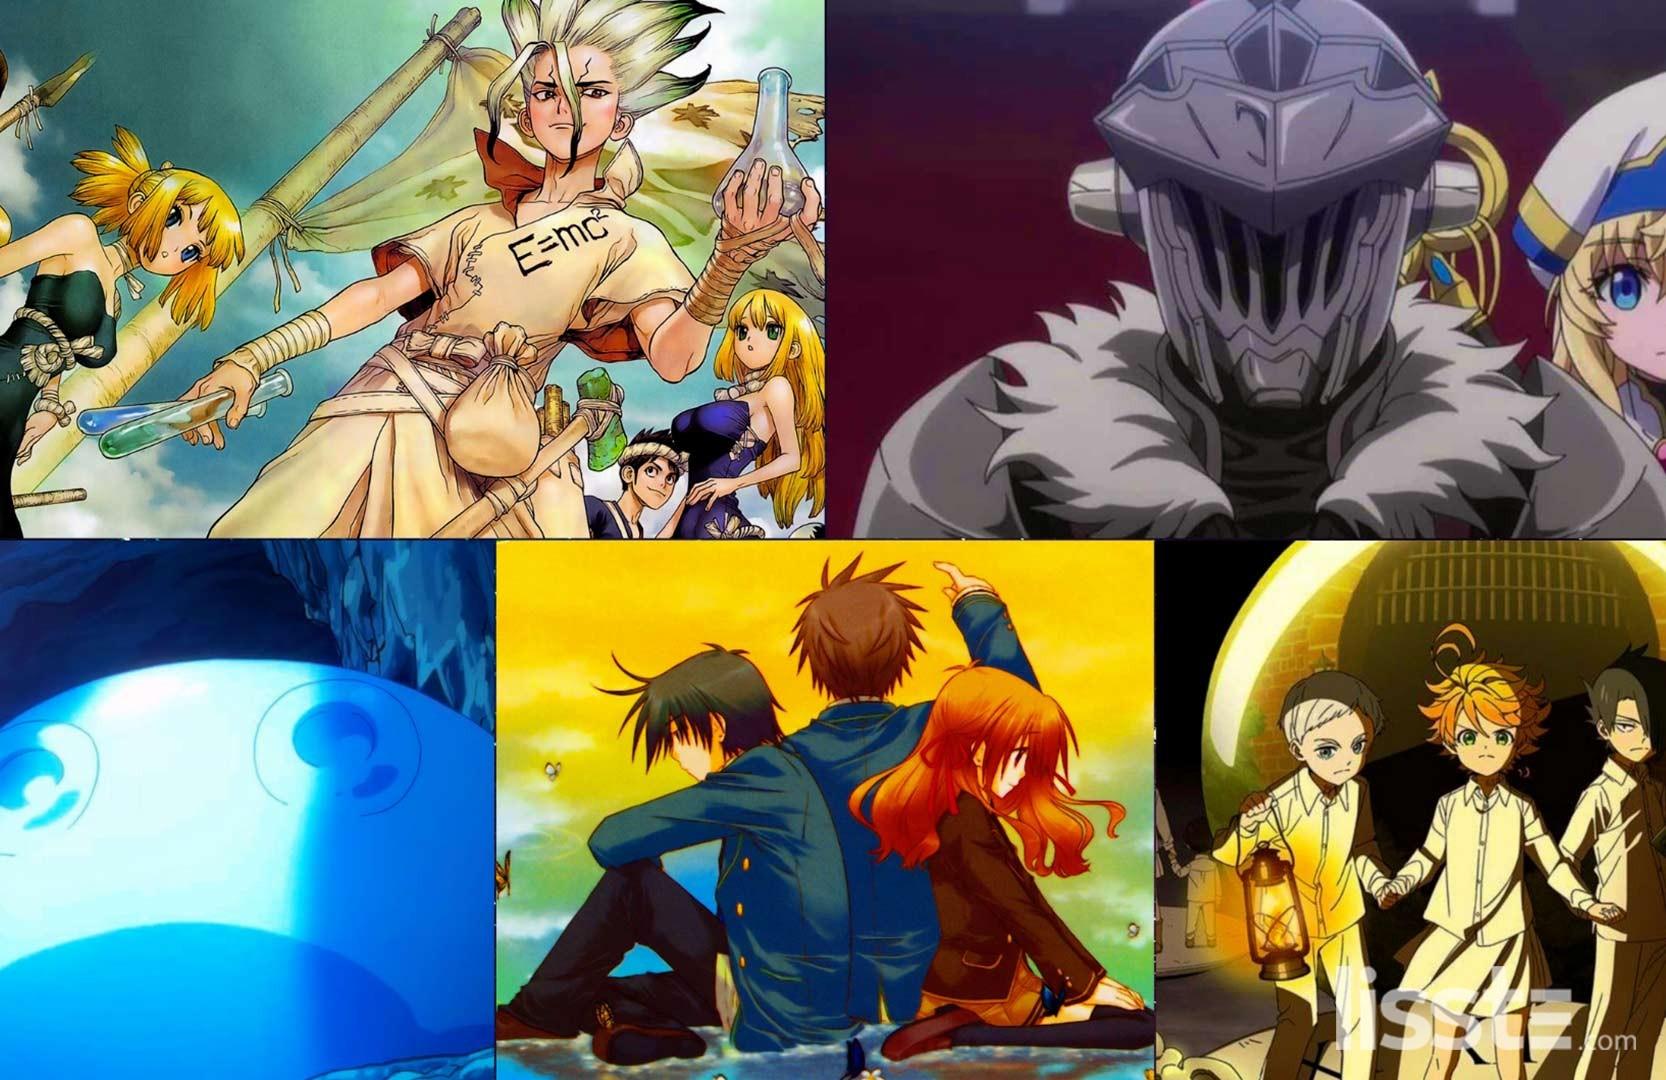 en-iyi-anime-manga-filmleri-1590411349.jpg